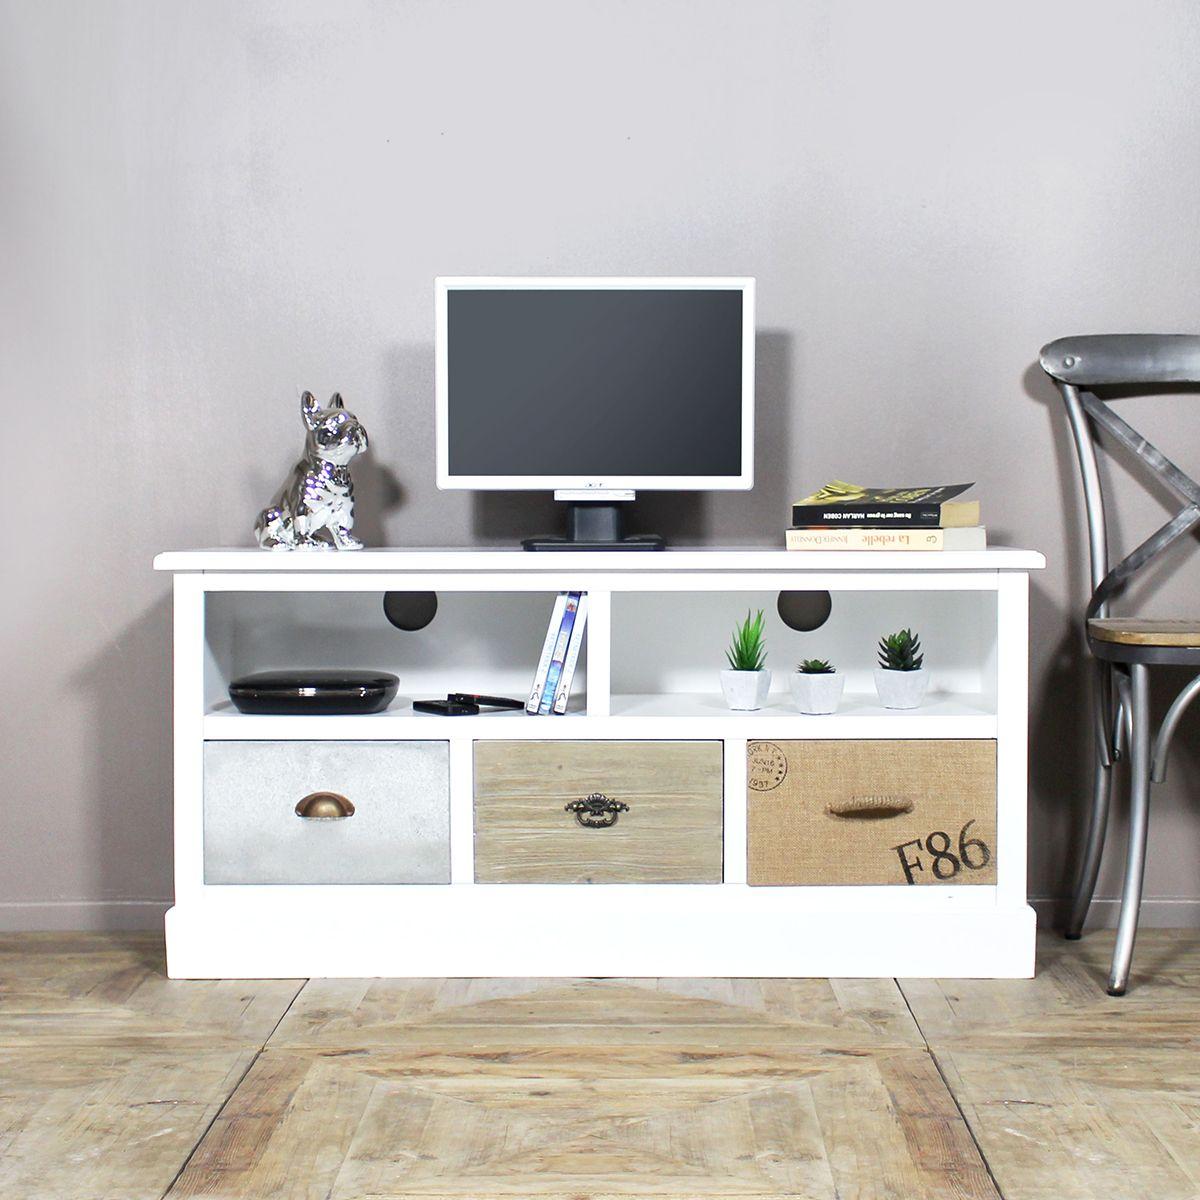 ce meuble tv bois massif blanc vous surprendra avec ses rangements aux styles originaux - Meuble Tv Bois Massif Blanc